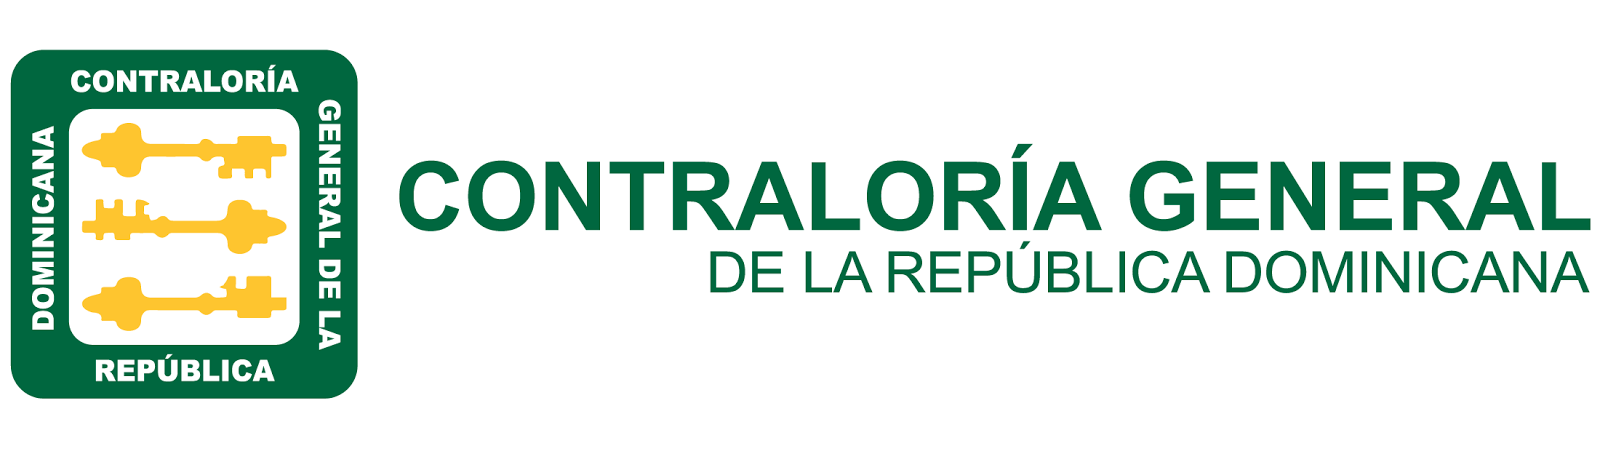 CONTRALORÍA GENERAL DE R.D